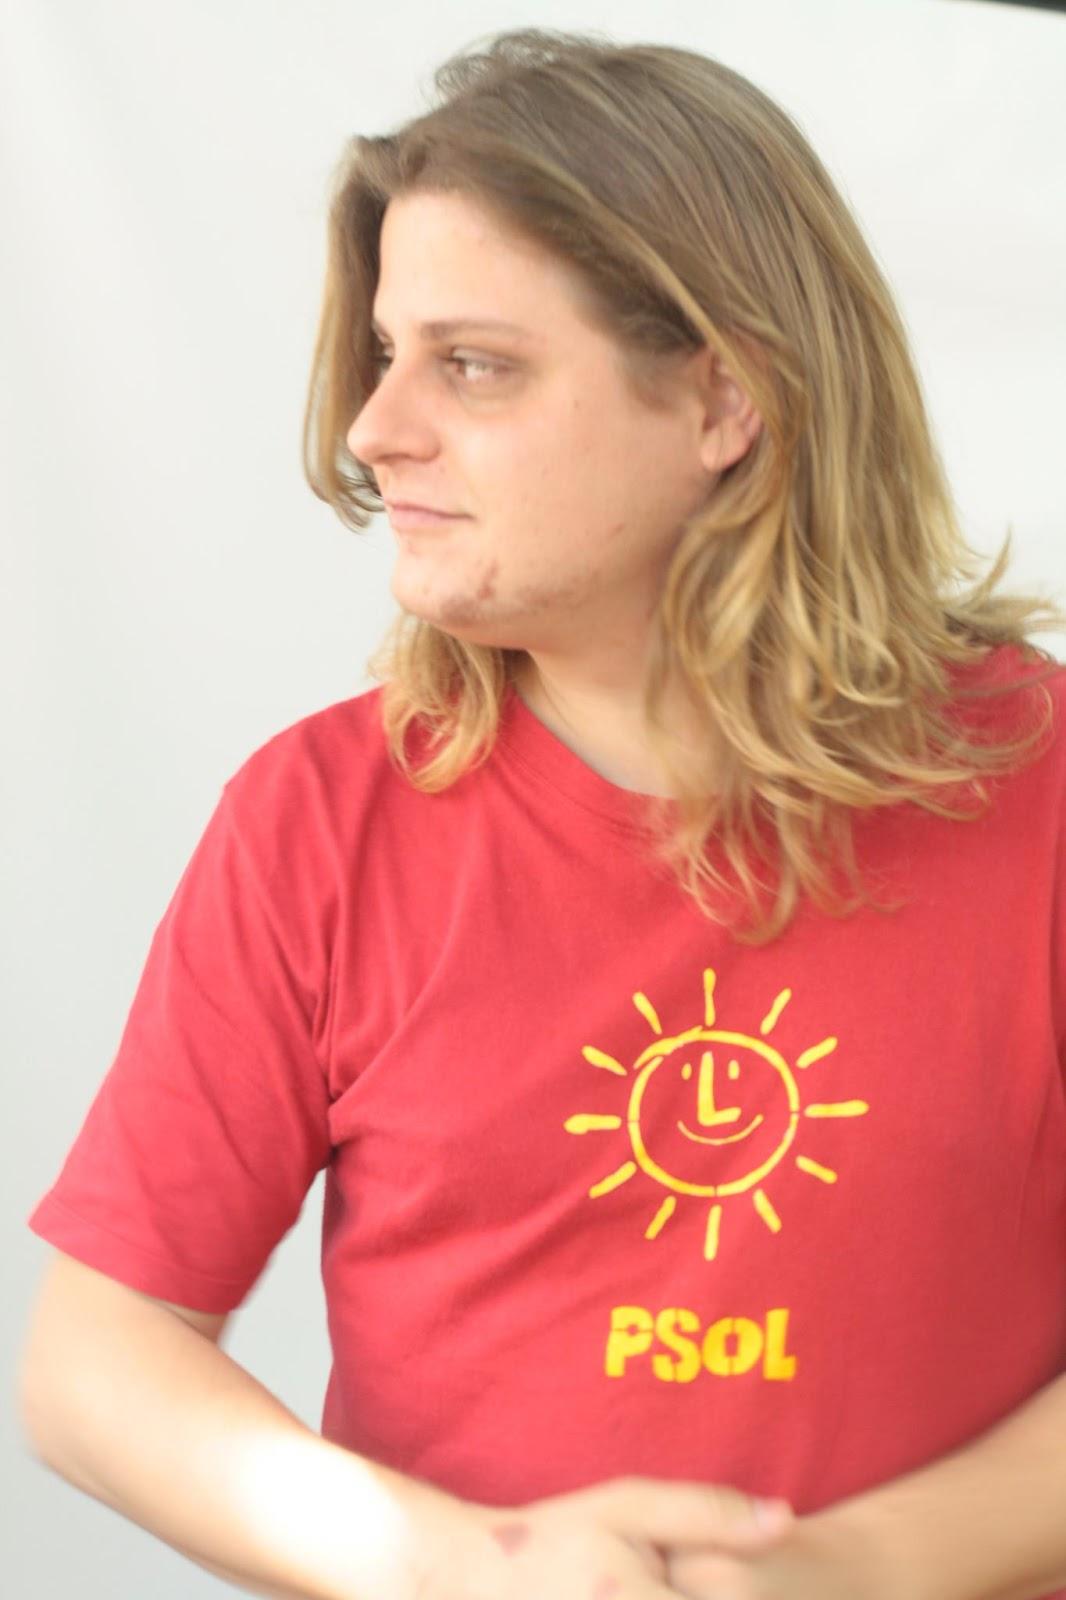 Lorenzo Balen Histrico Quem Top Pink Gabriel Tem 24 Anos E Graduado No Curso De Licenciatura Em Cincias Sociais Pela Universidade Estadual Do Oeste Paran